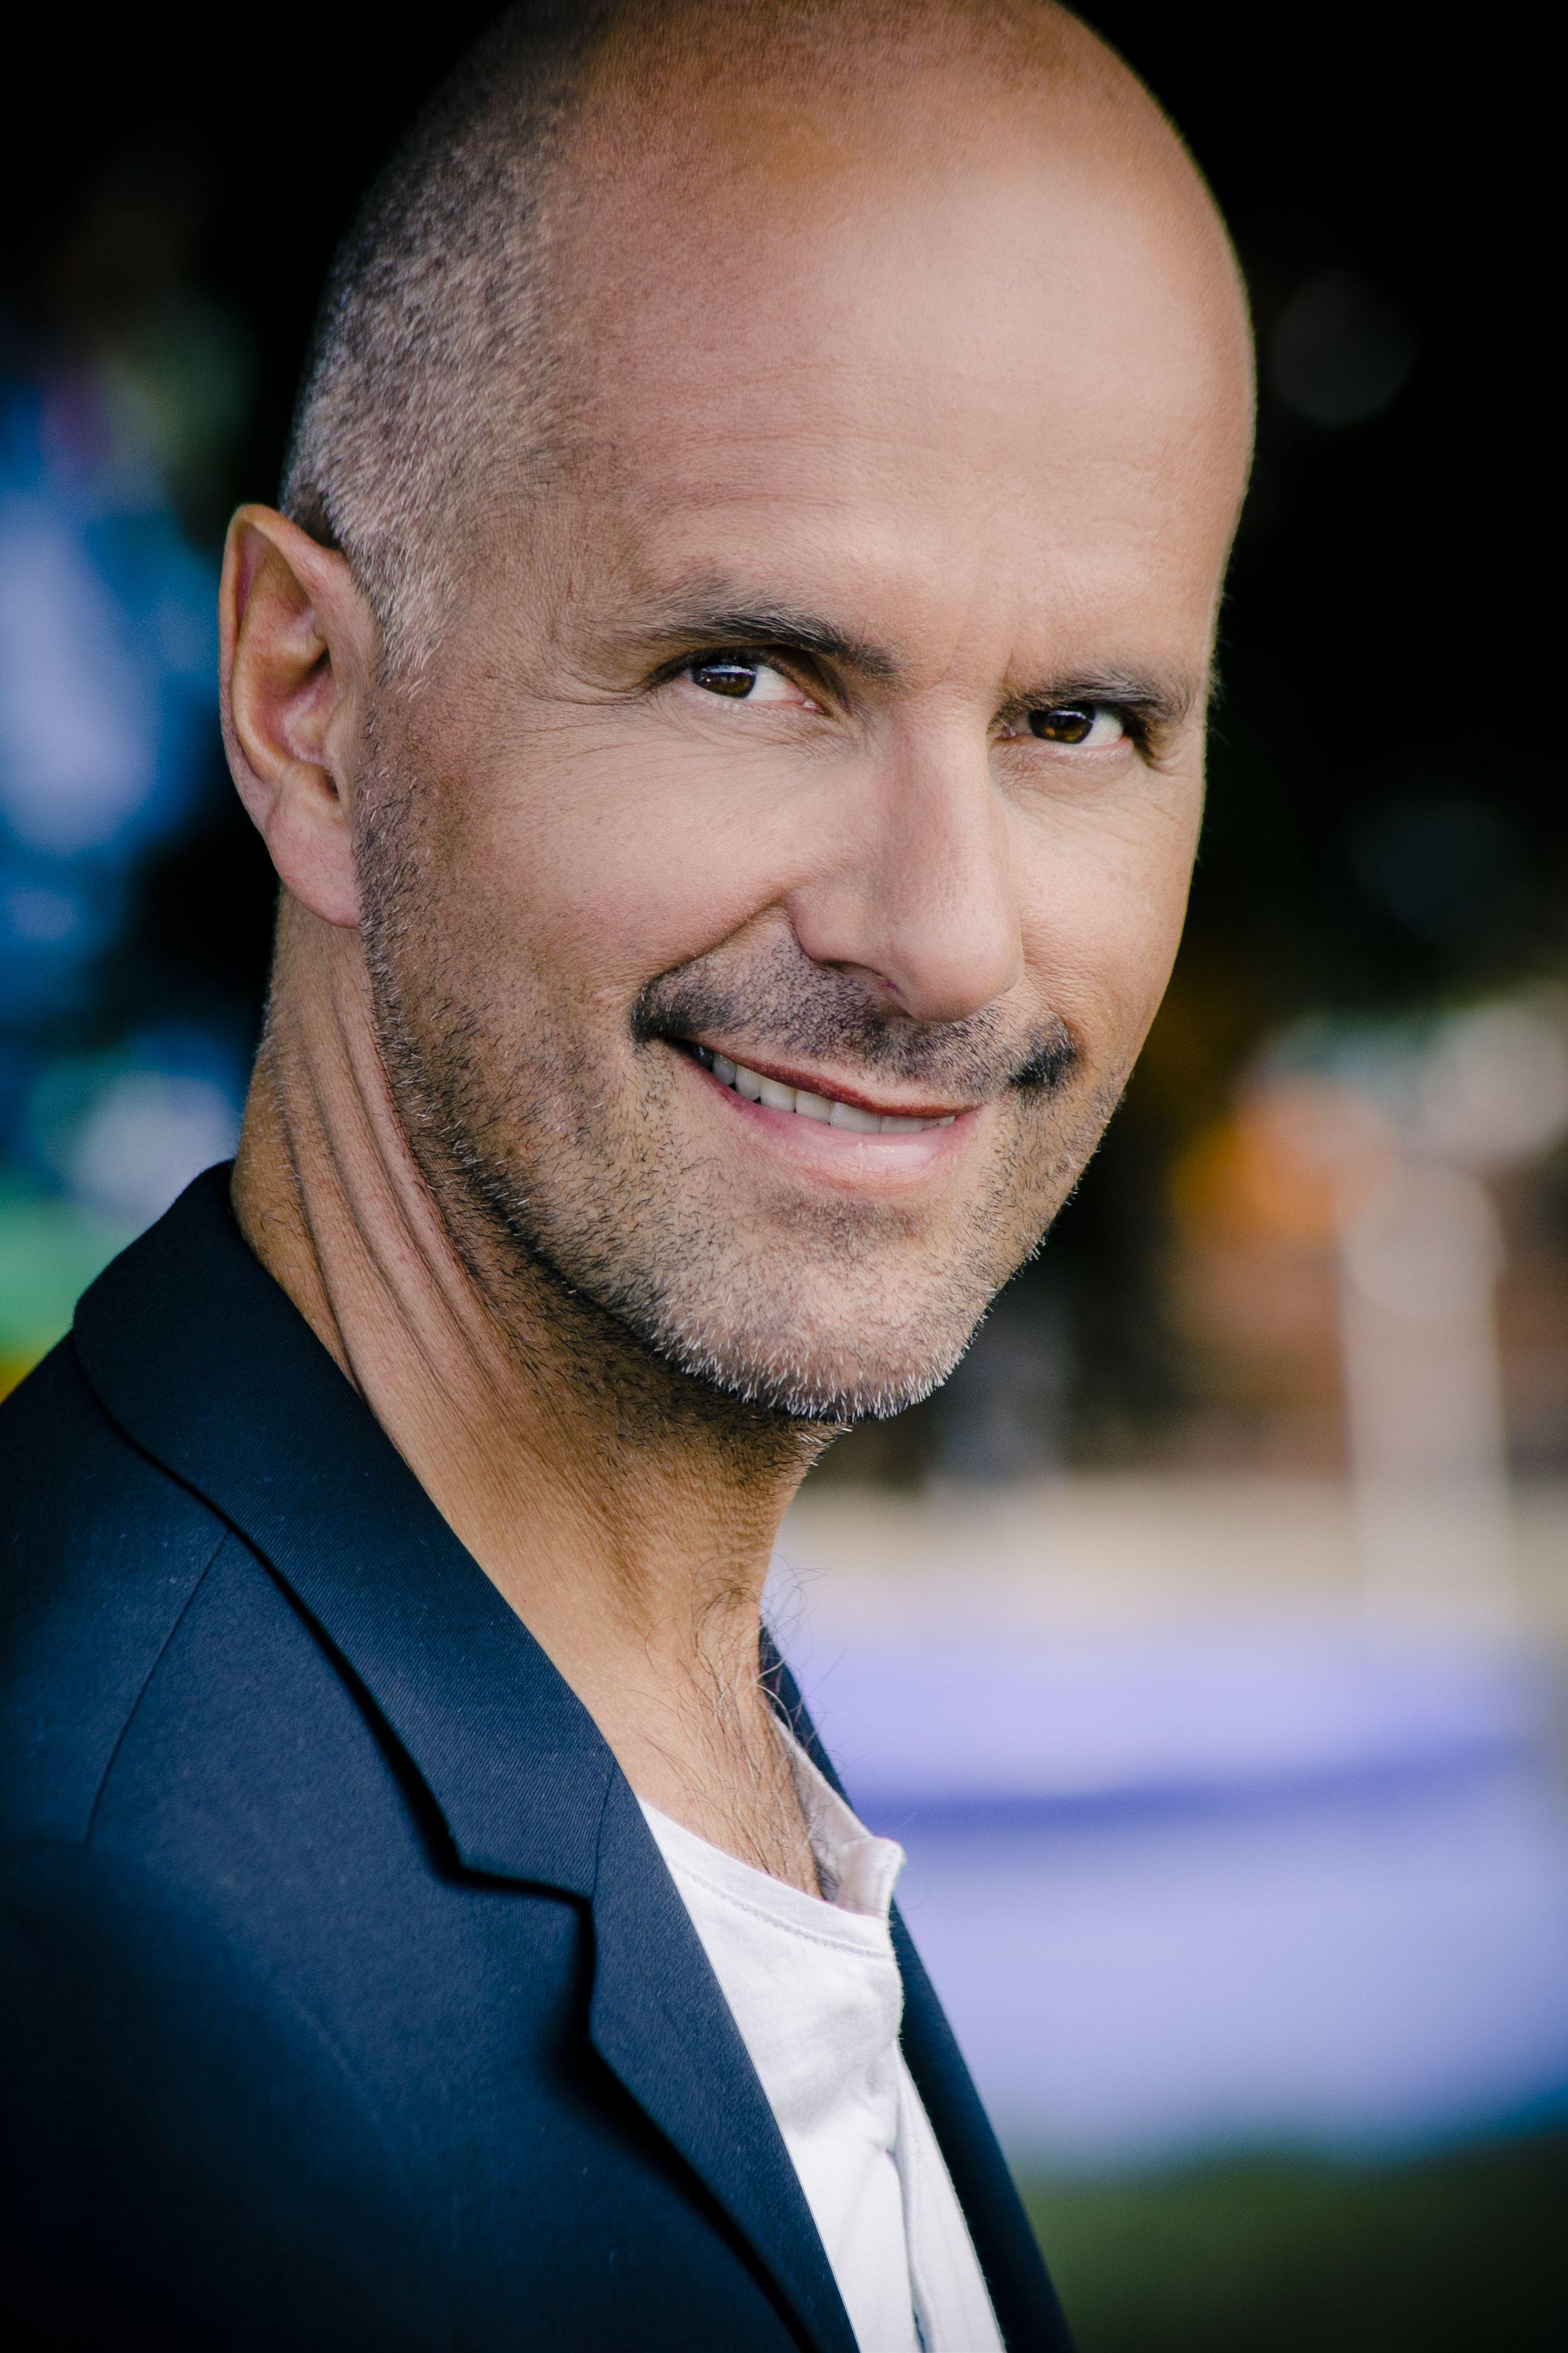 Christoph Maria Herbst Schauspieler Grimme Preis 3 X Deutscher Comedypreis Schauspieler Deutsche Kunstler Grimm